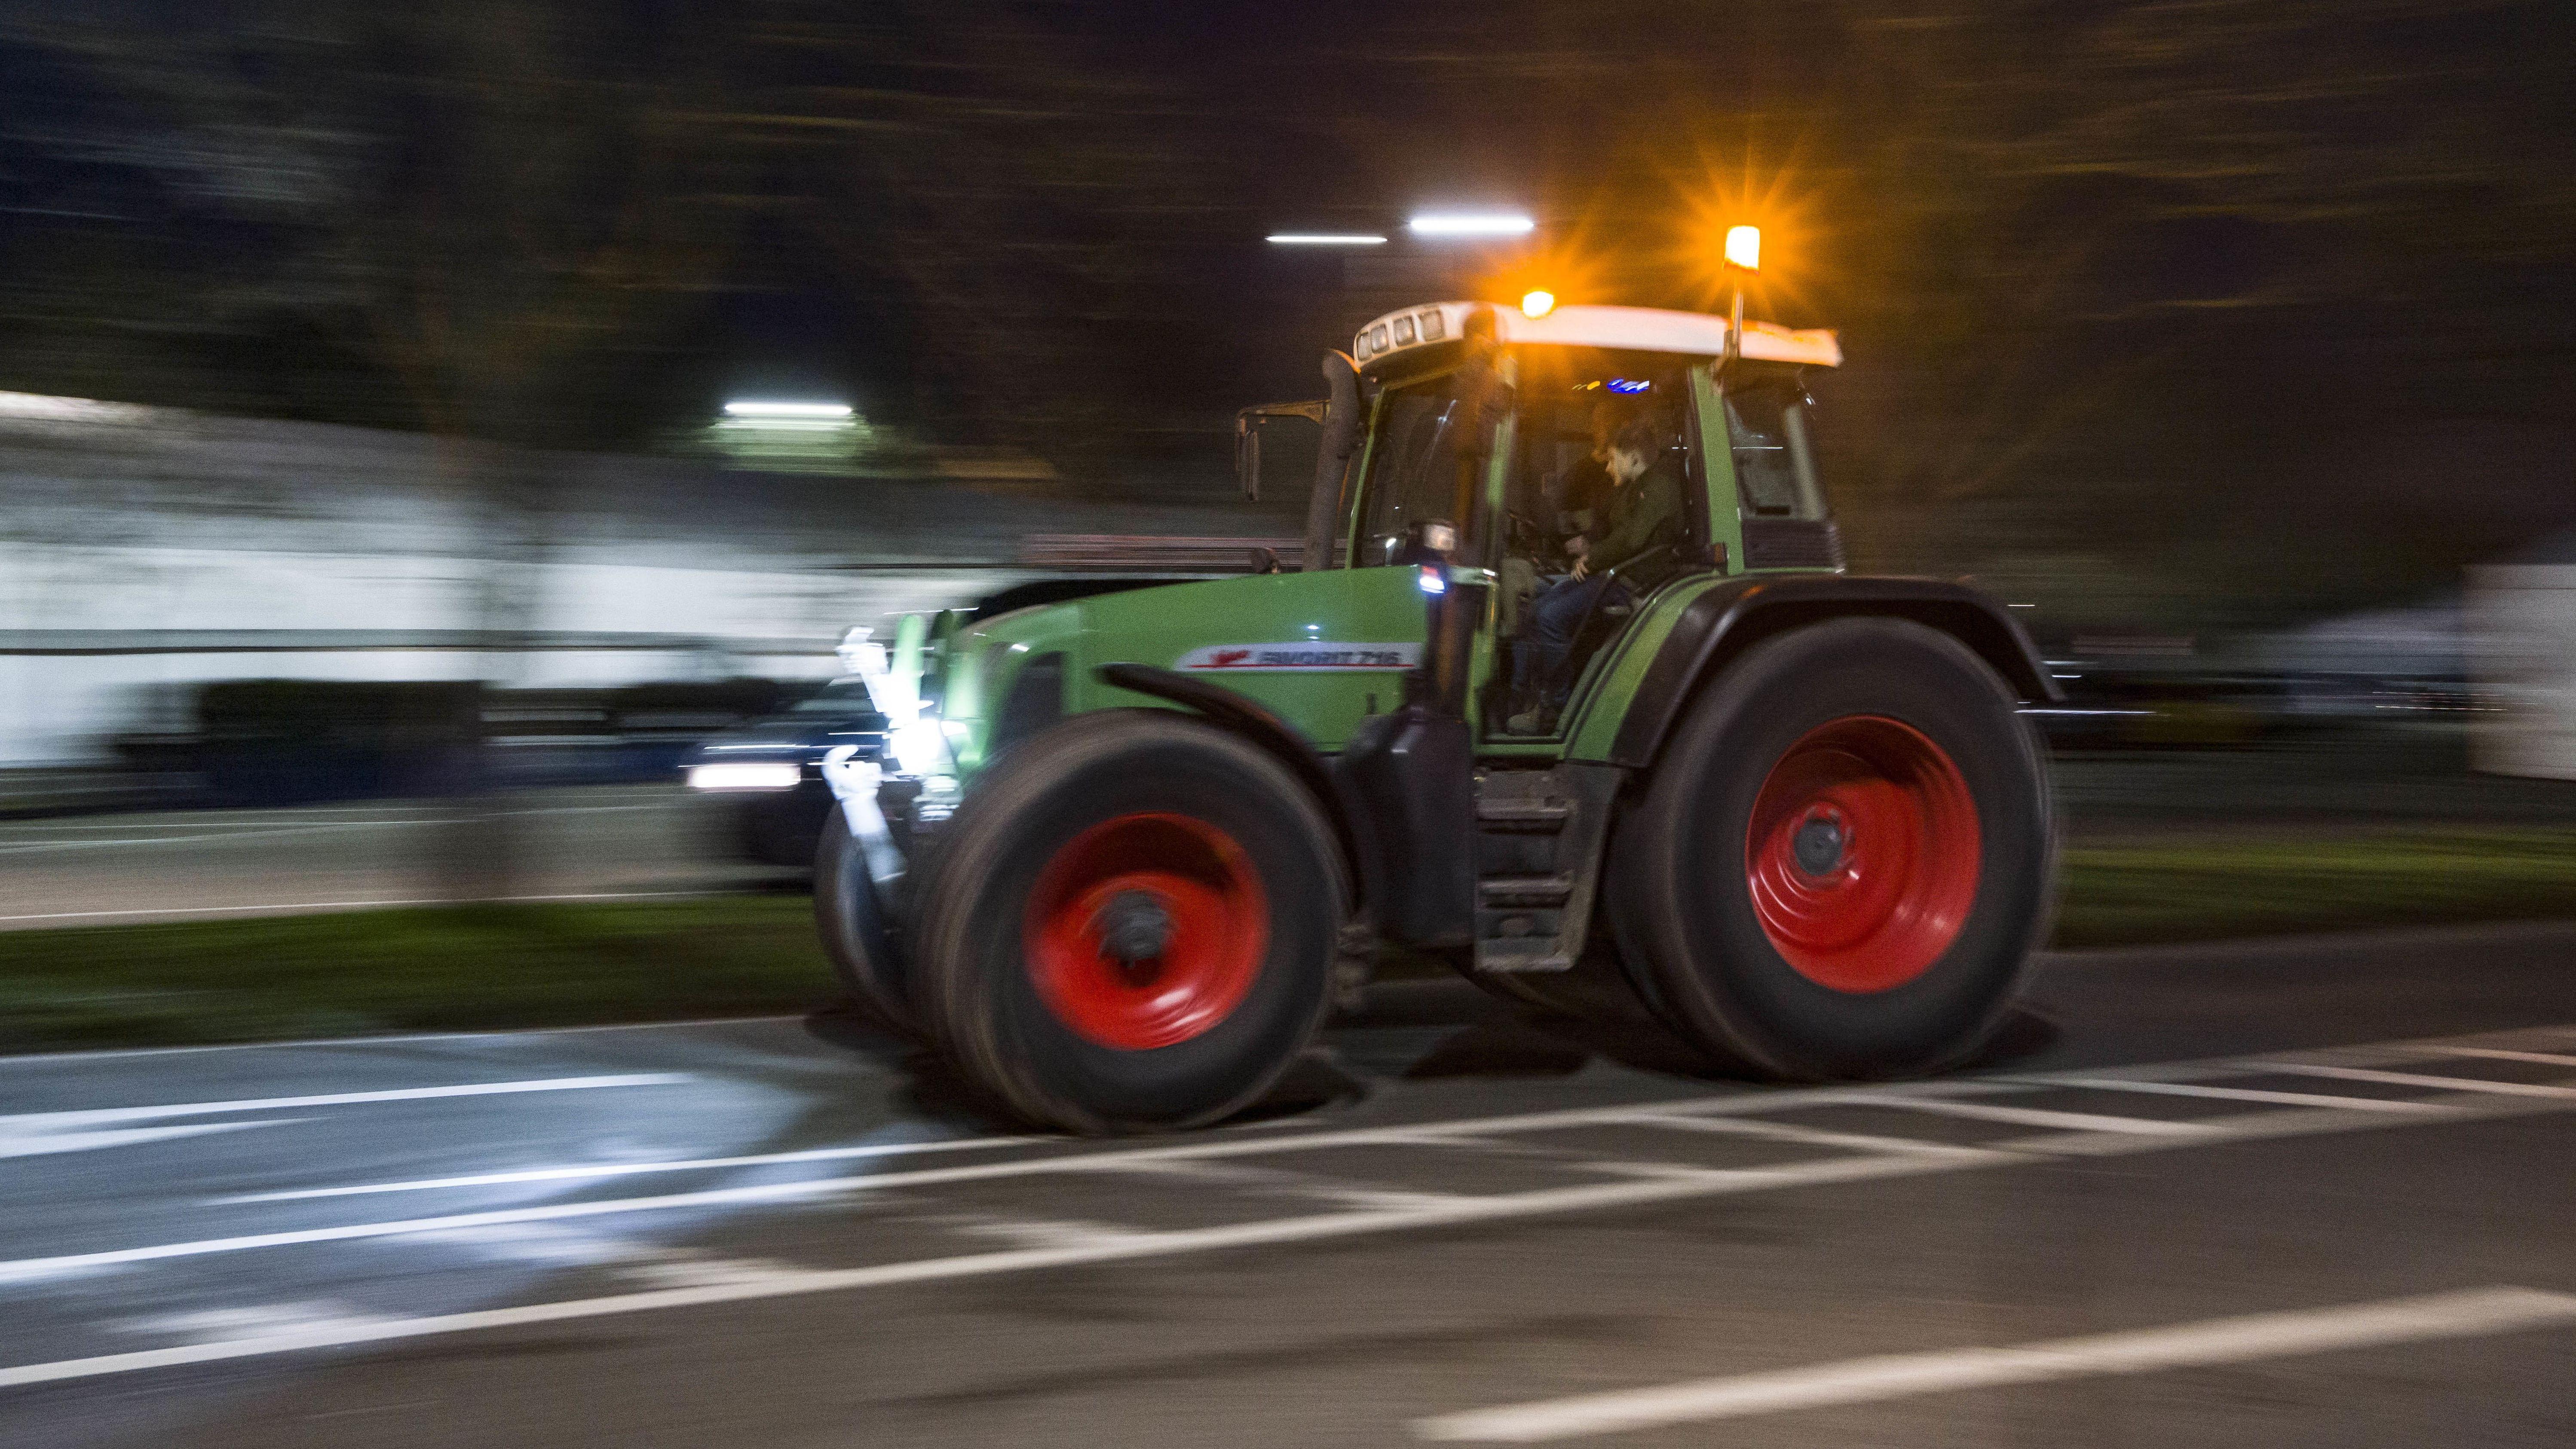 Symbolbild: Ein Traktor in der Nacht